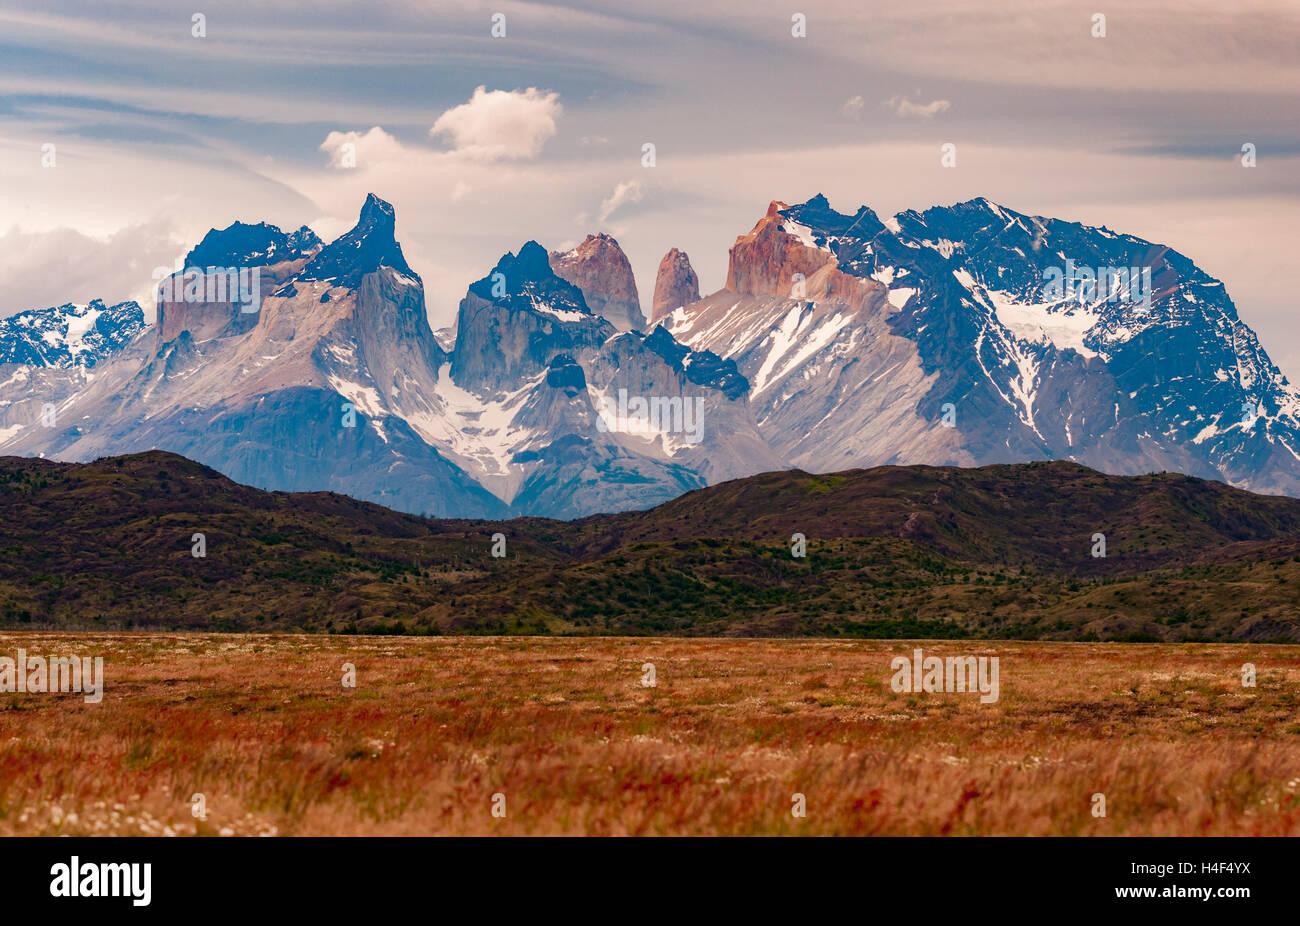 Parque nacional Torres del Paine, Magallanes, Chile. Parque Nacional Torres del Paine Imagen De Stock